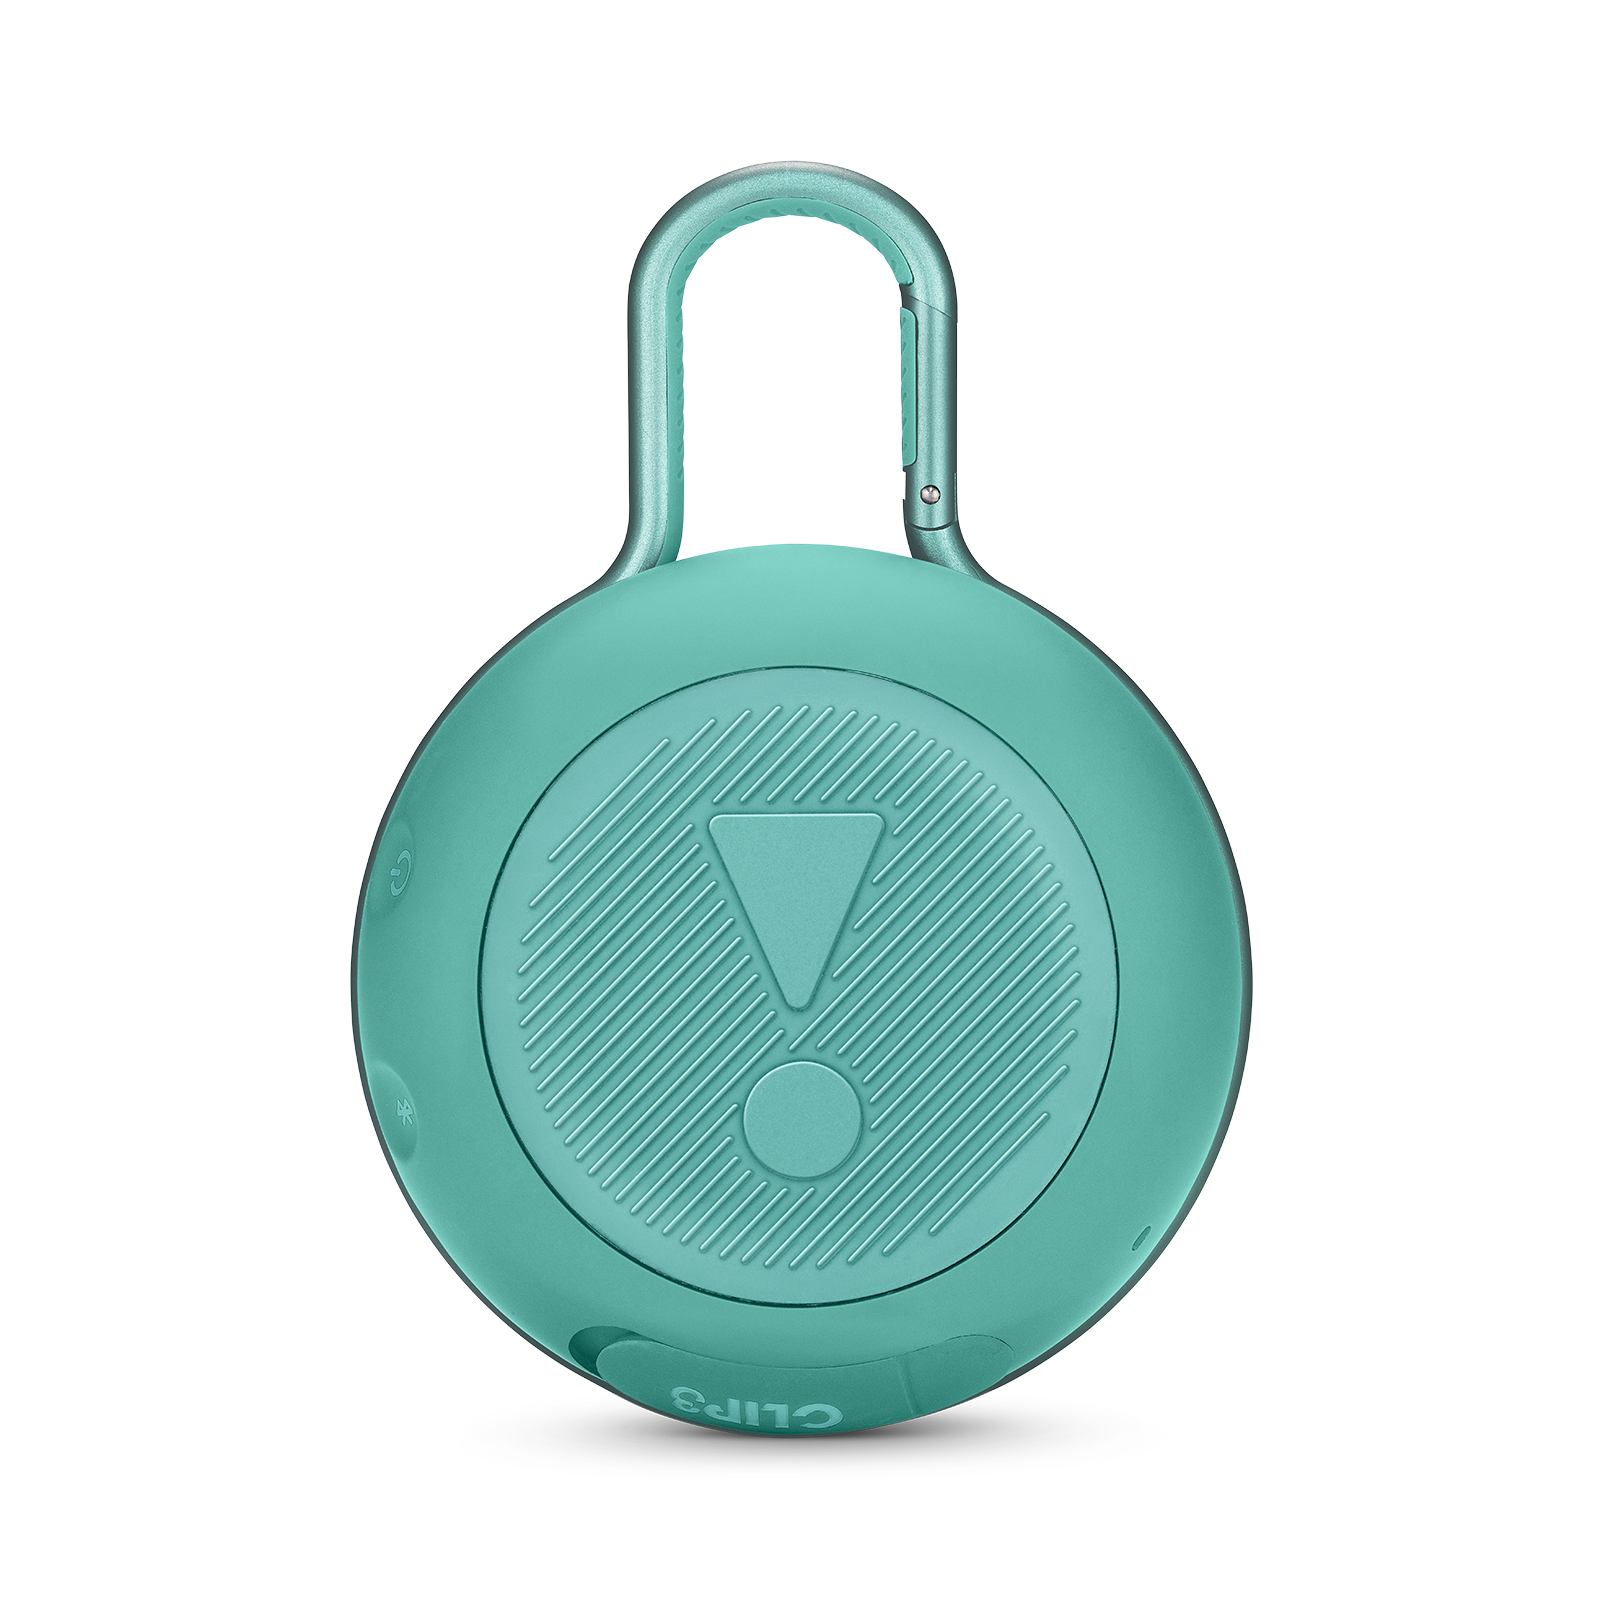 JBL CLIP 3 - River Teal - Portable Bluetooth® speaker - Back